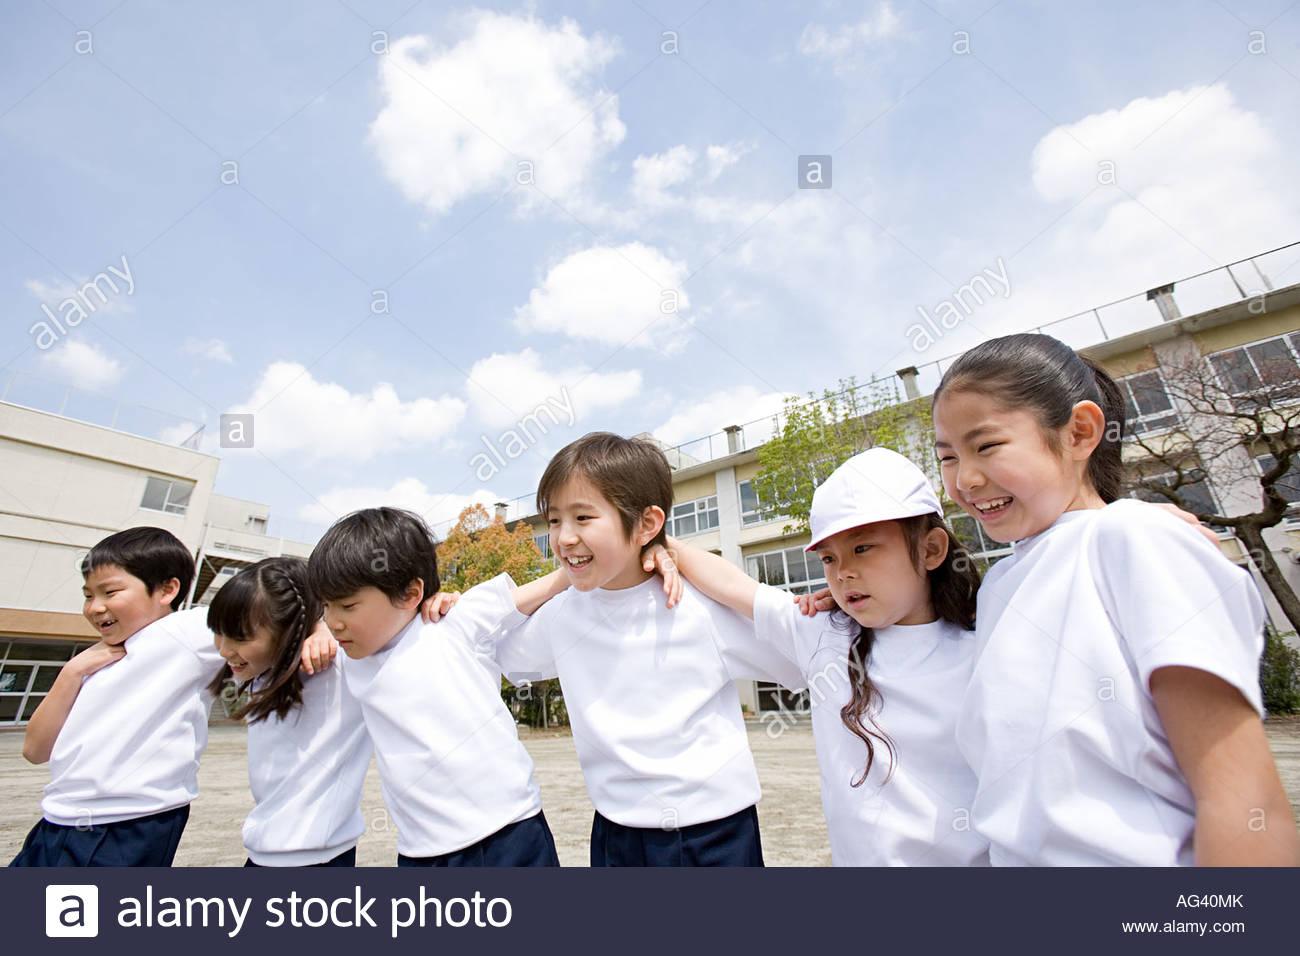 School children - Stock Image